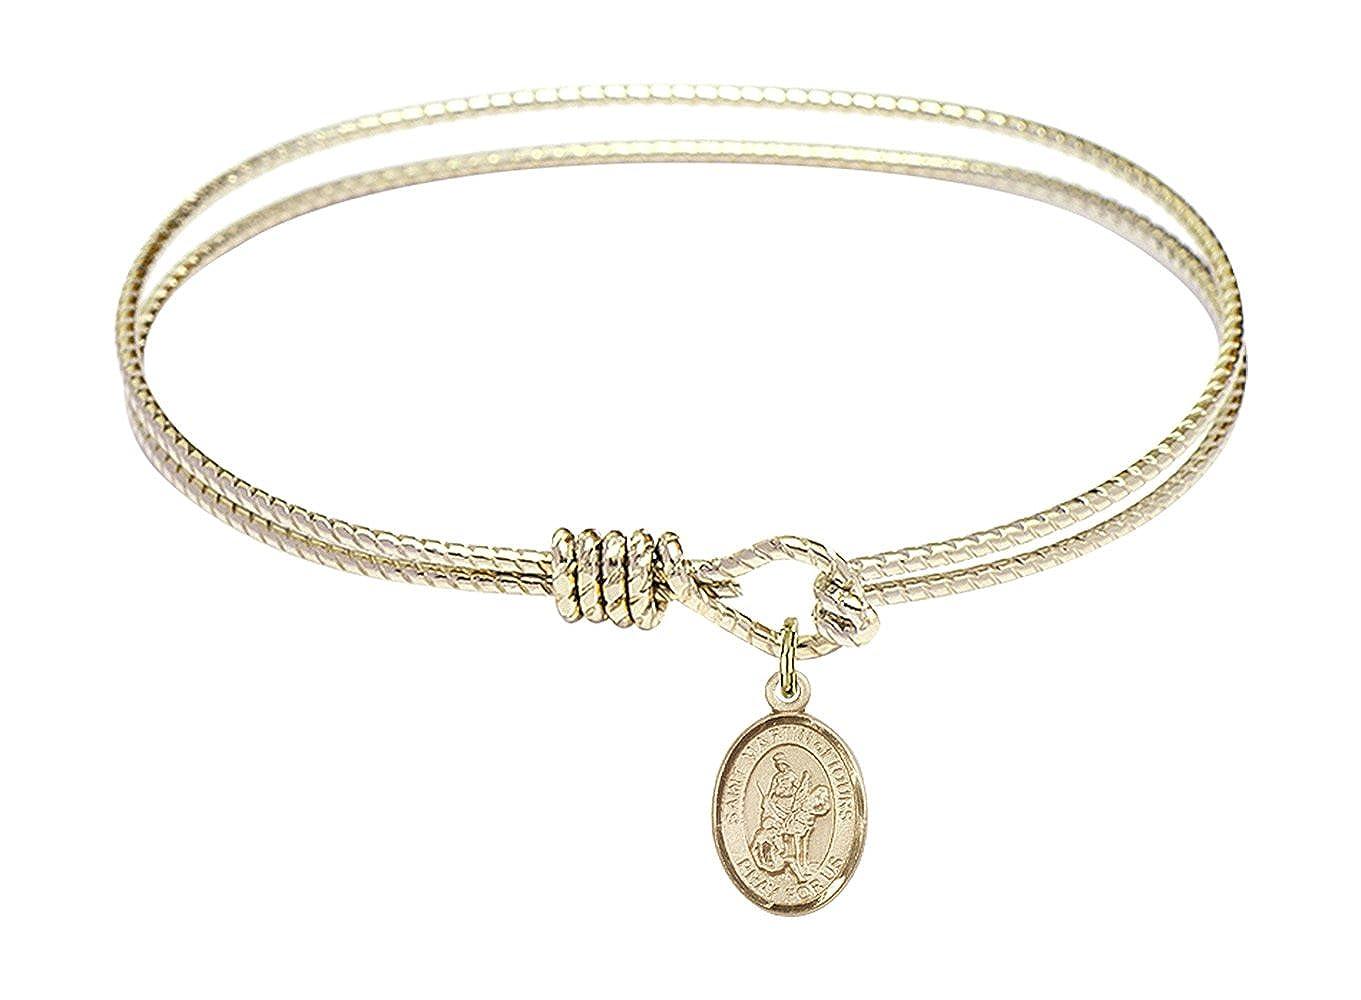 St Martin Of Tours Charm On A 7 1//4 Inch Oval Eye Hook Bangle Bracelet